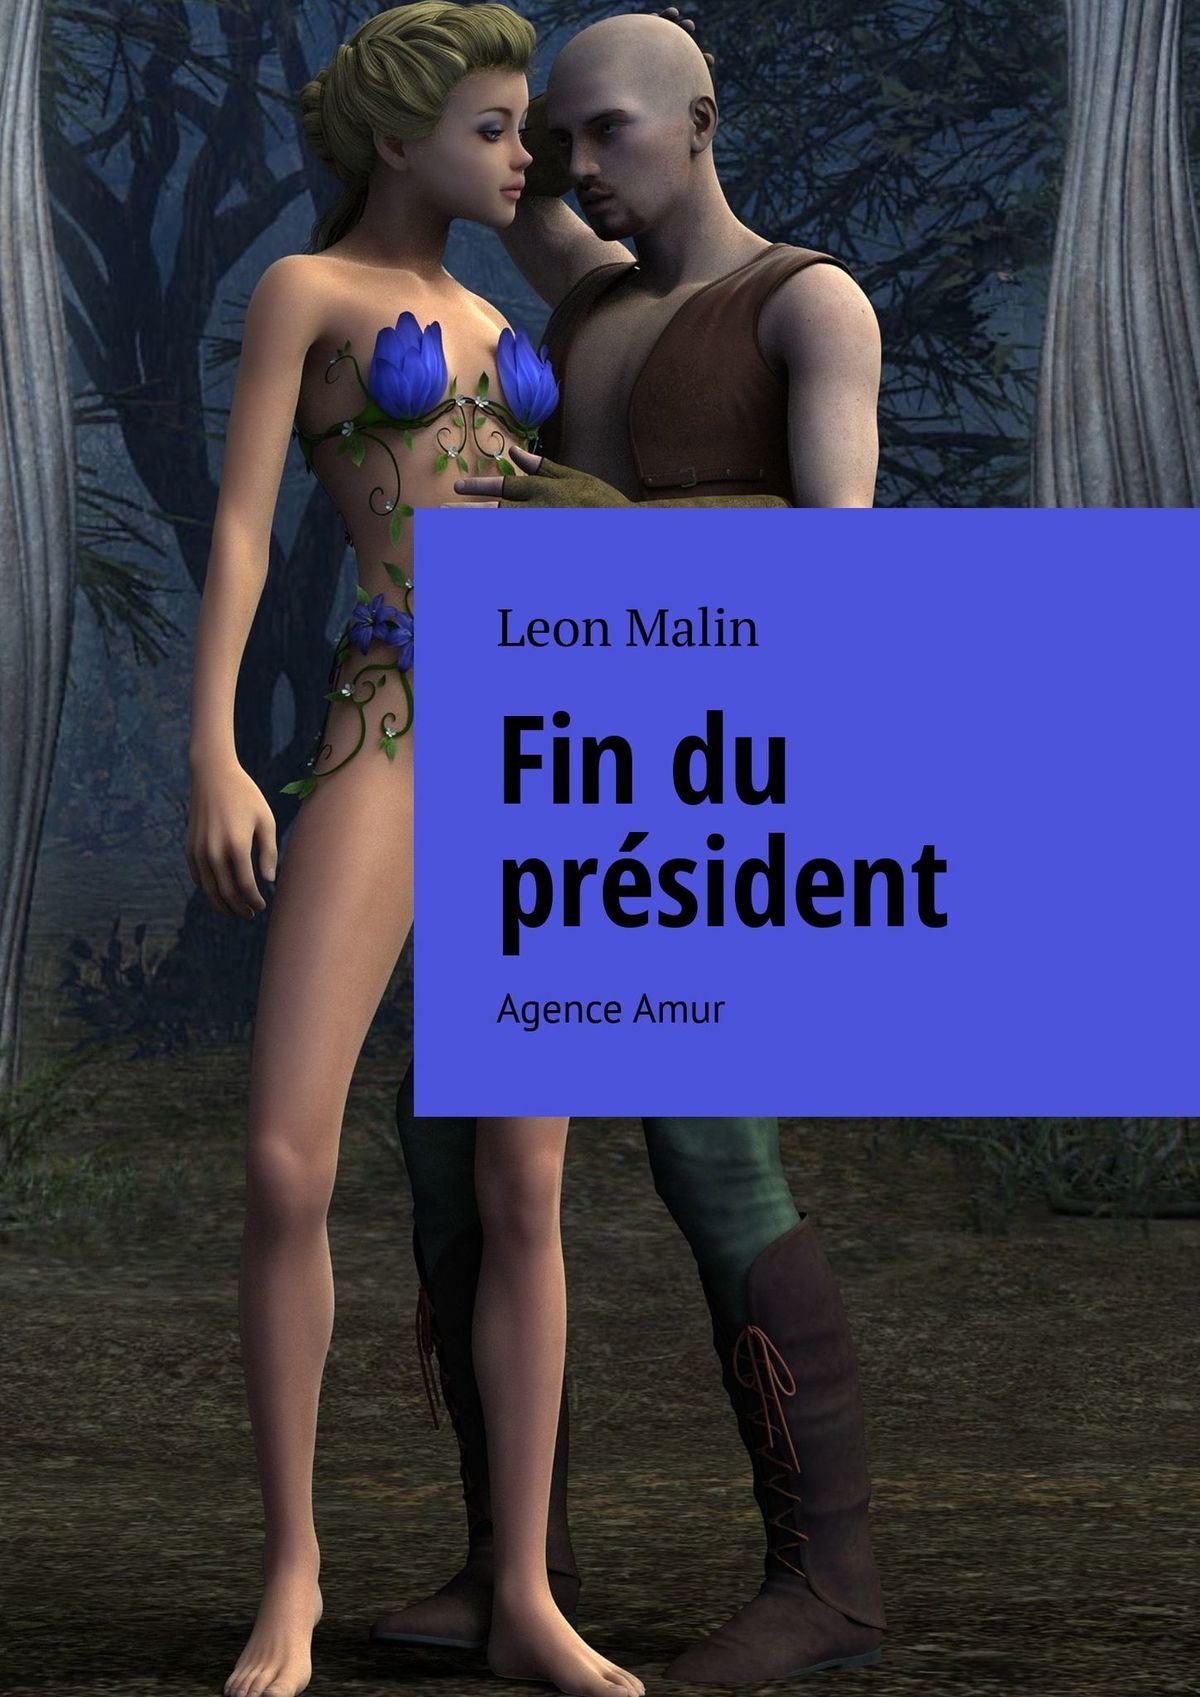 Fin du président. Agence Amur